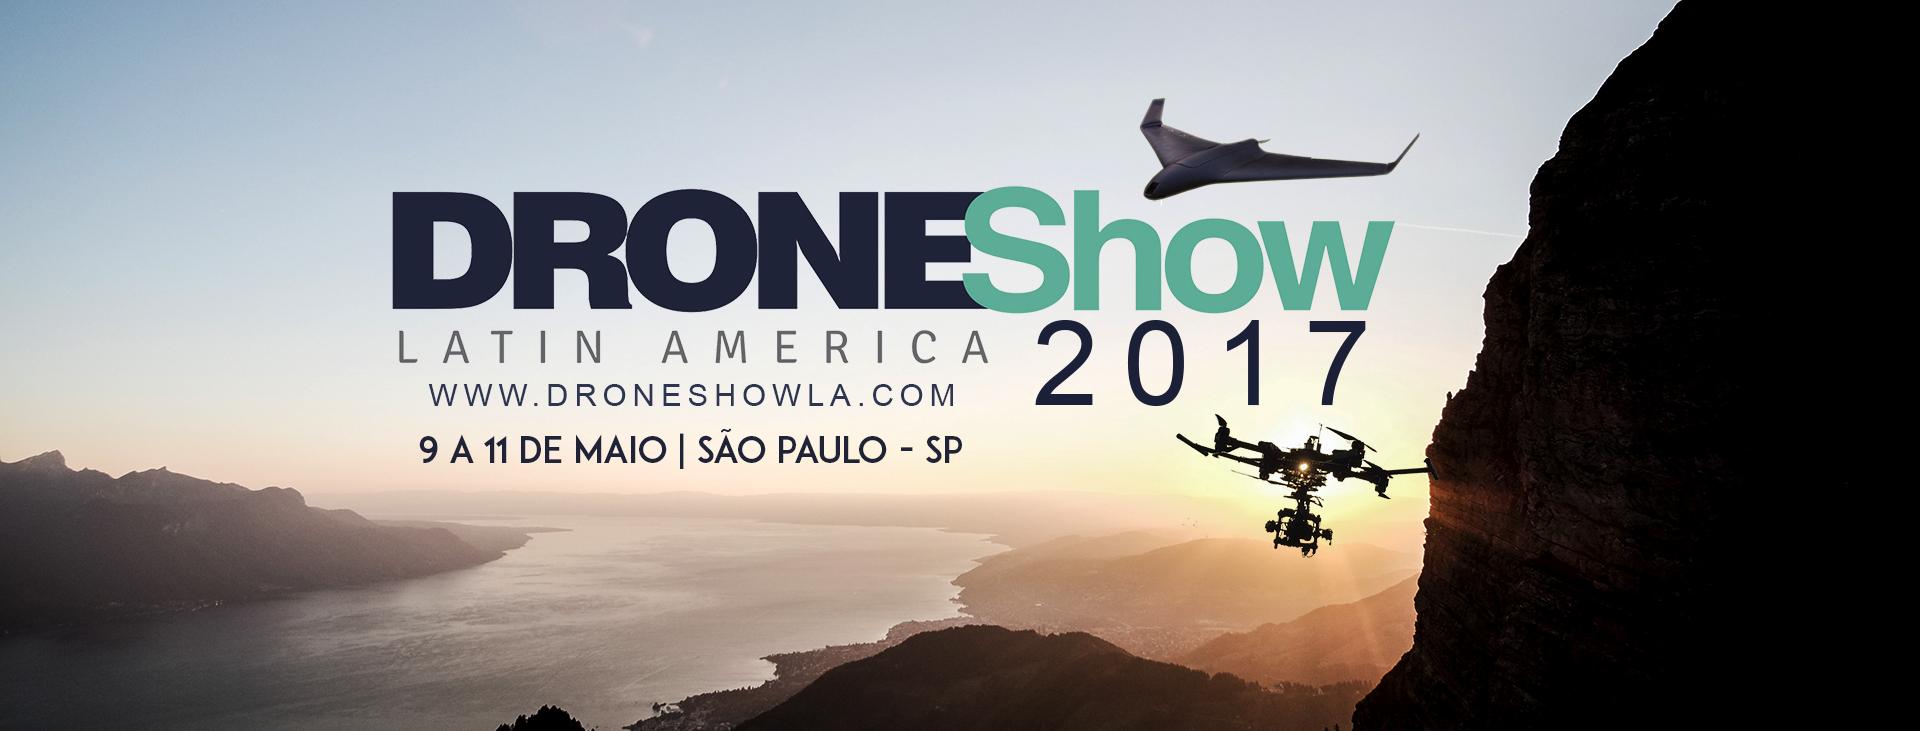 20161215-slide-2